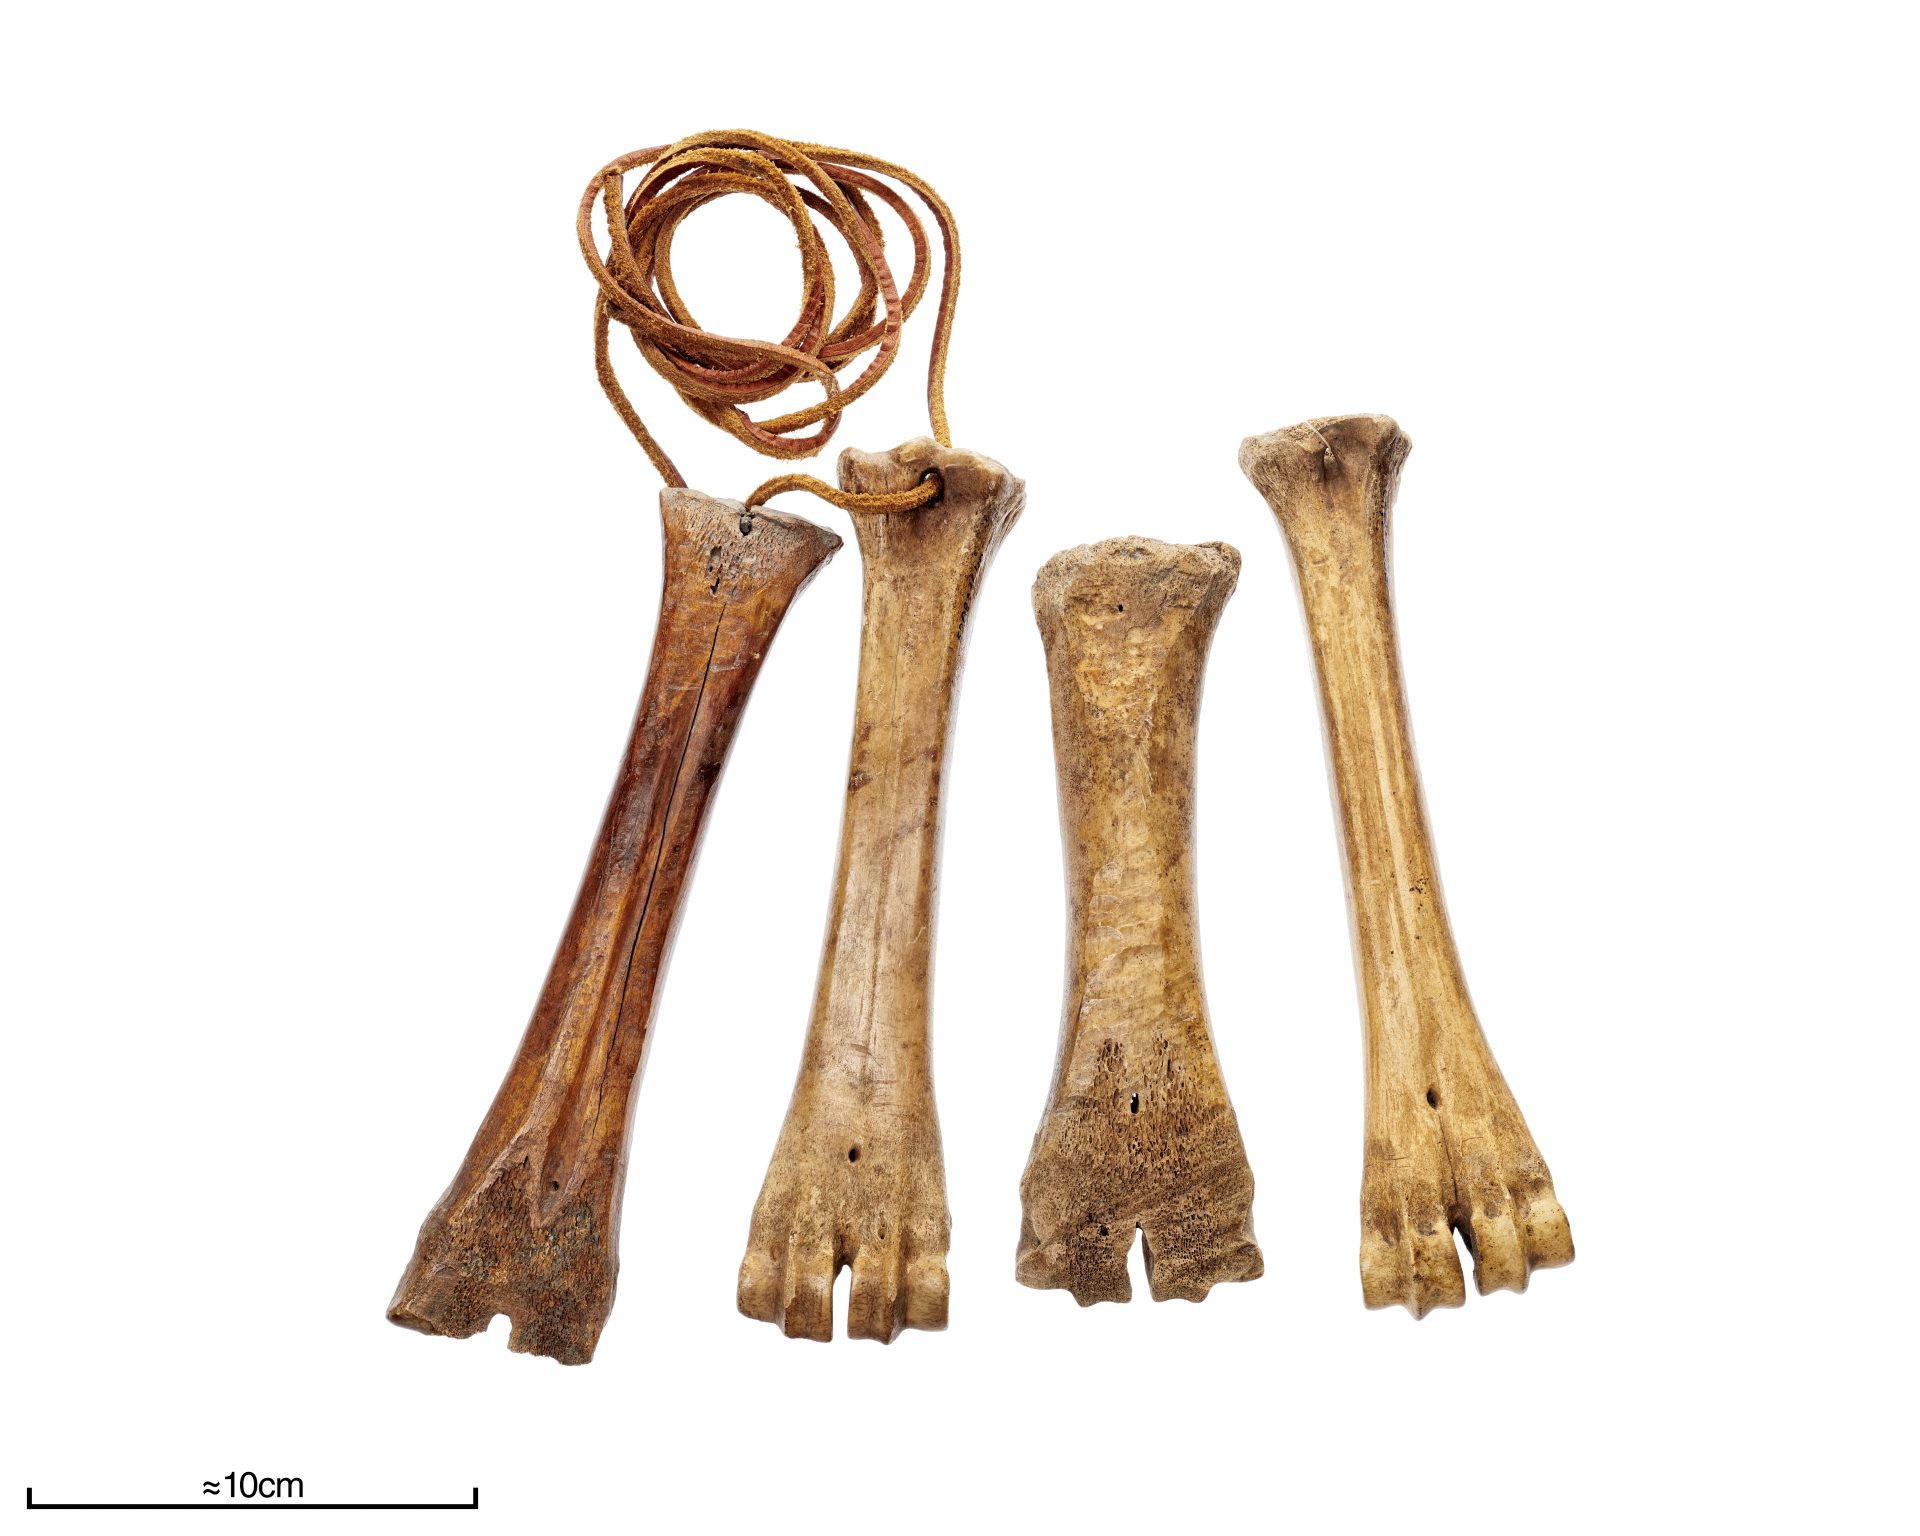 Fyra djurben som har använts som skridskor.